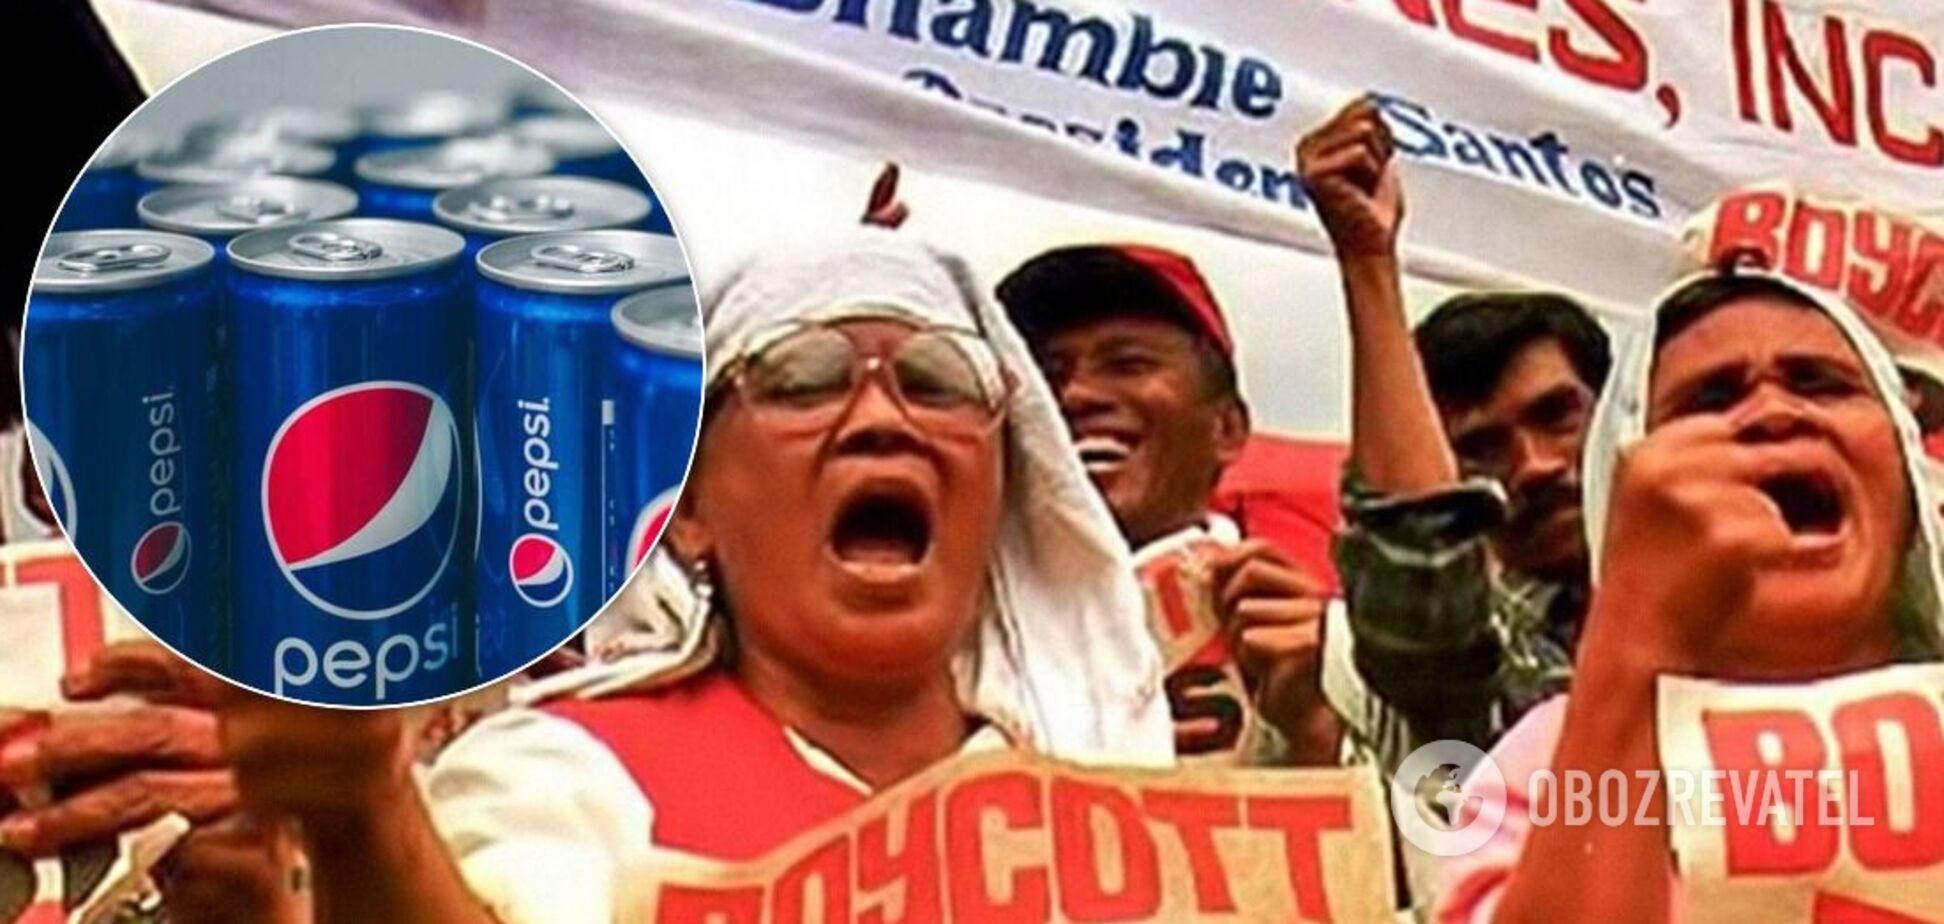 Pepsi 349